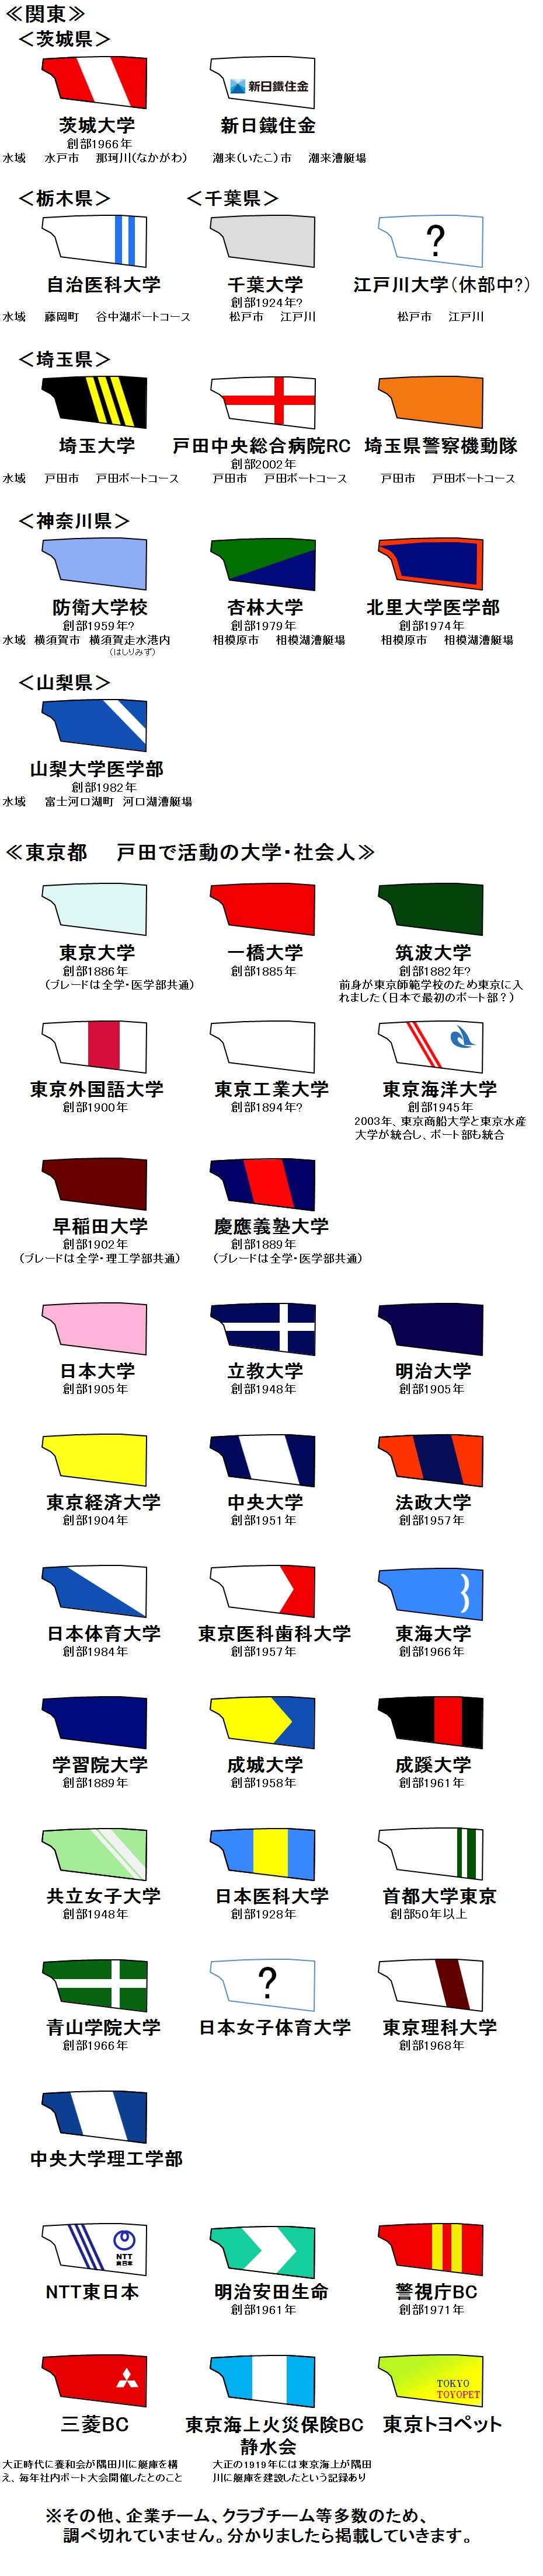 ブレードカラー一覧 関東・戸田 2016年4月最新